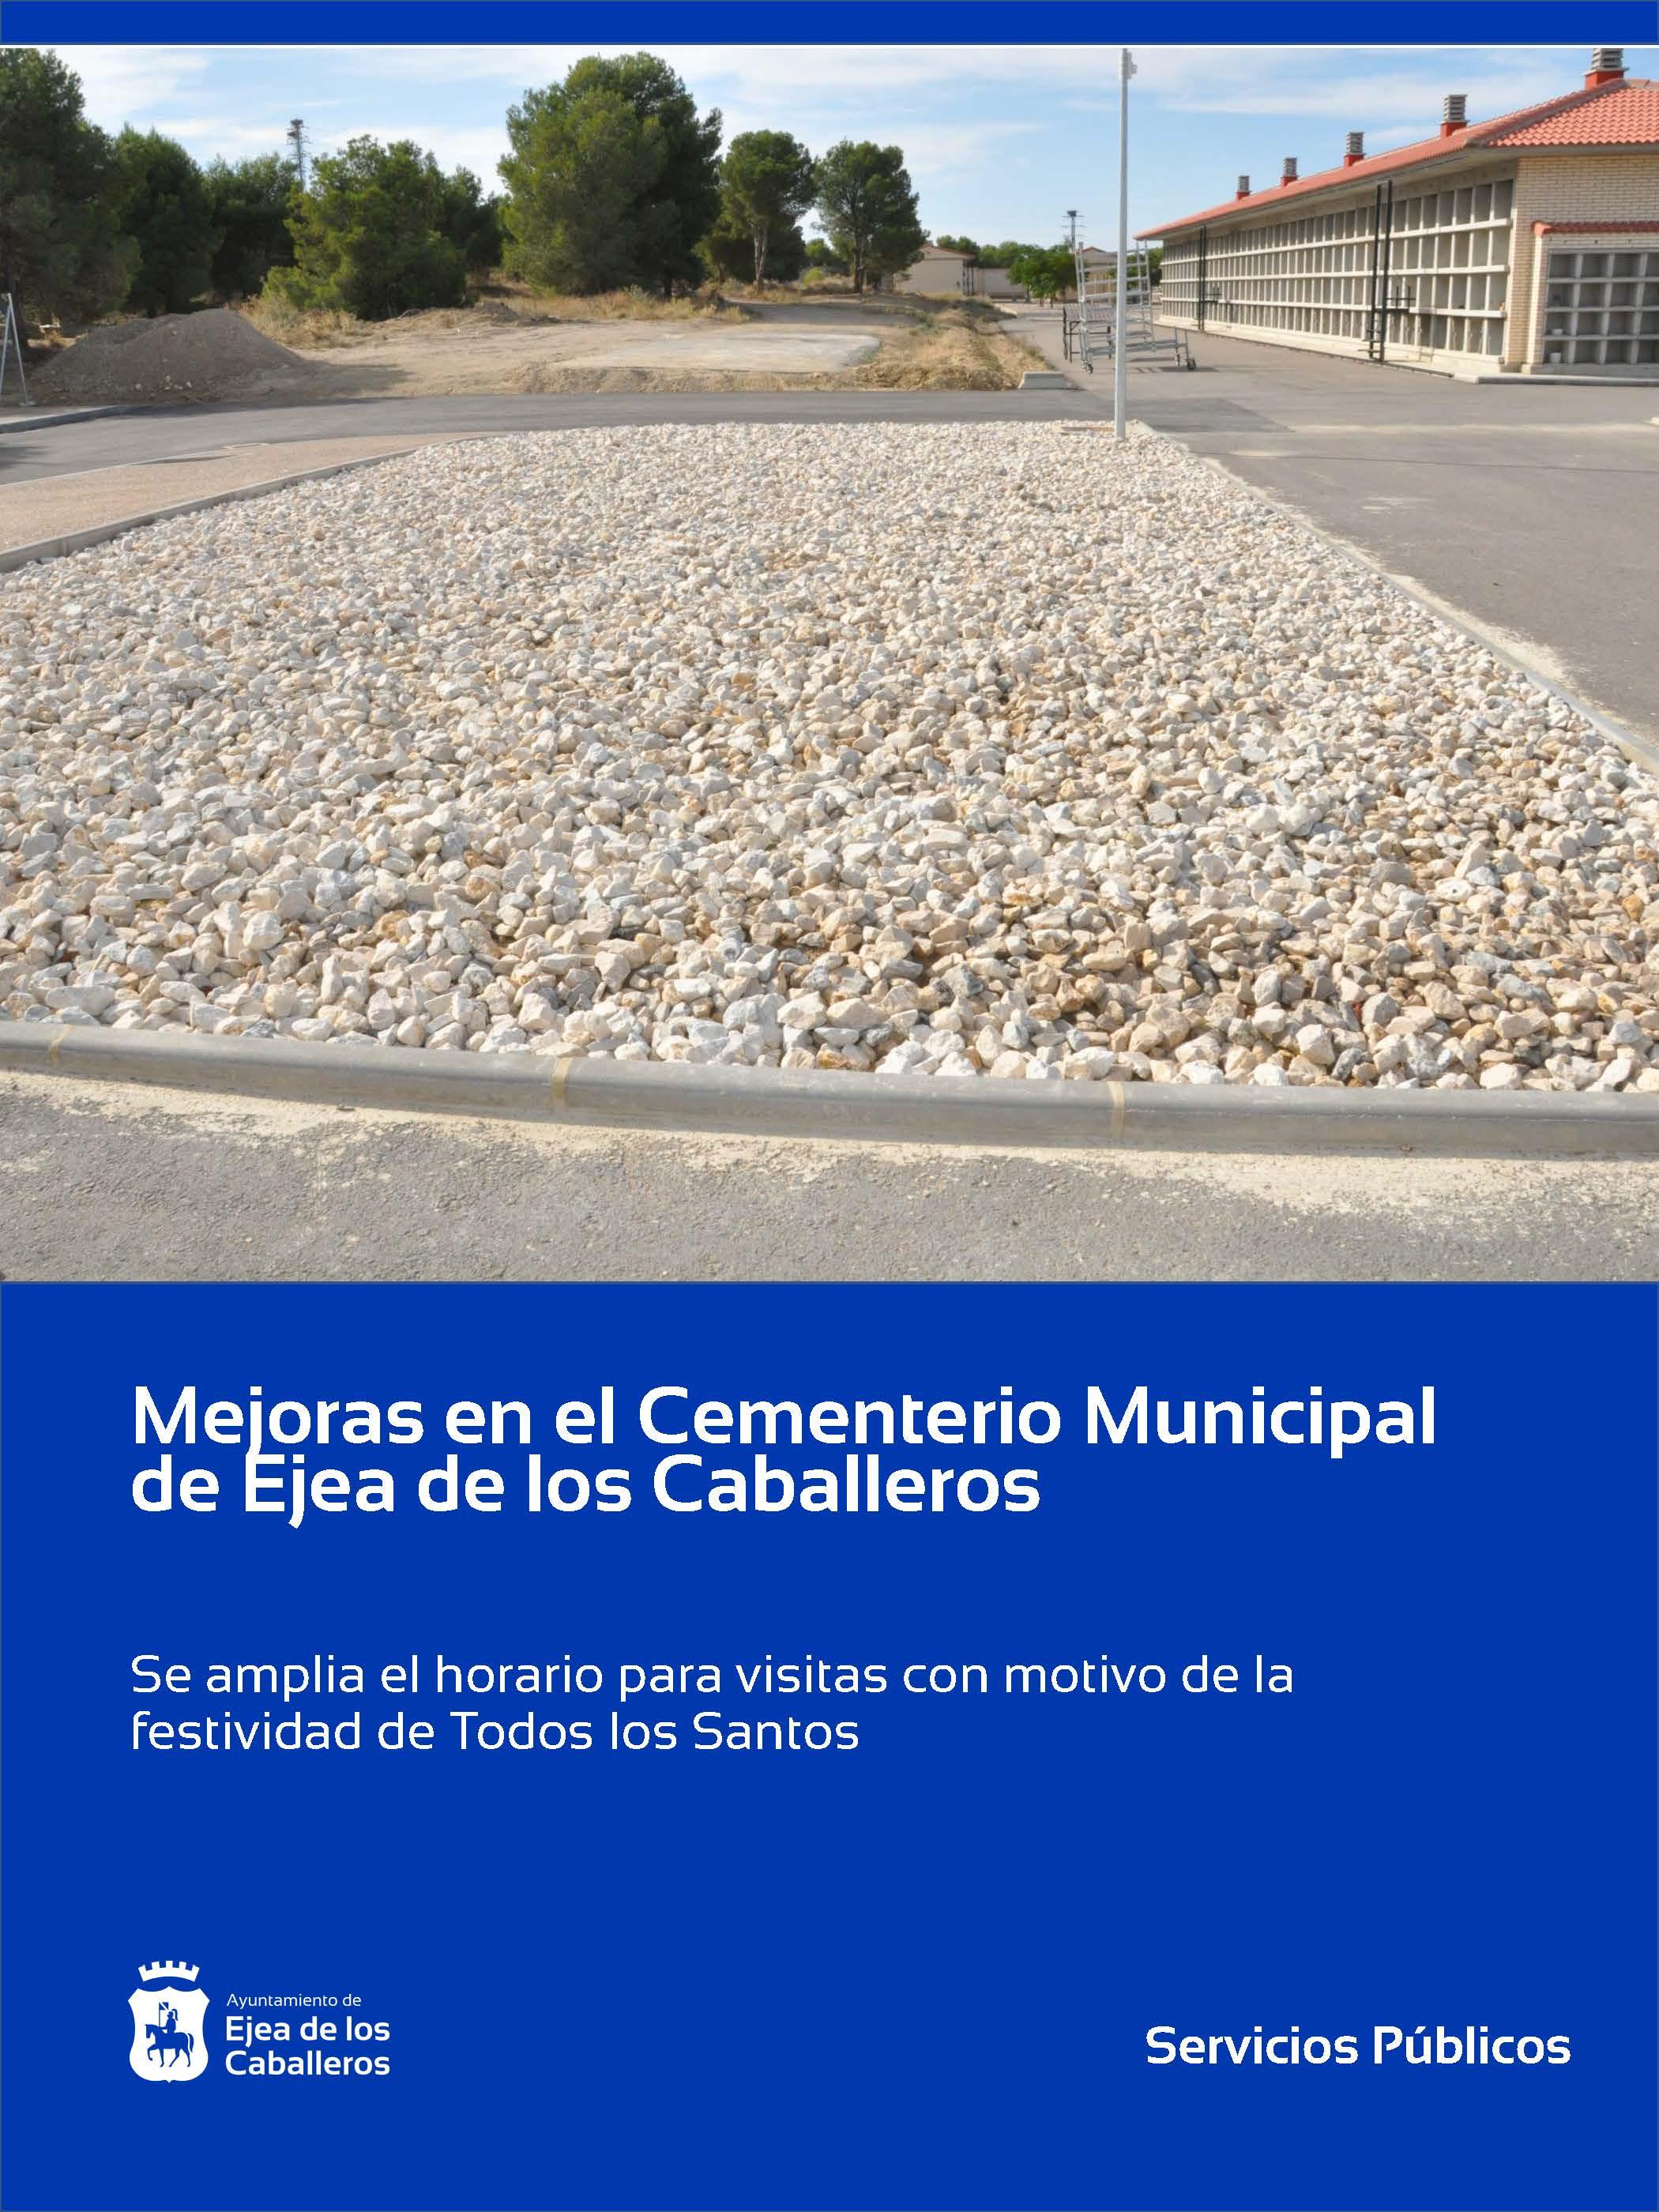 Finalizadas varias obras de mejora en el cementerio municipal de Ejea de los Caballeros